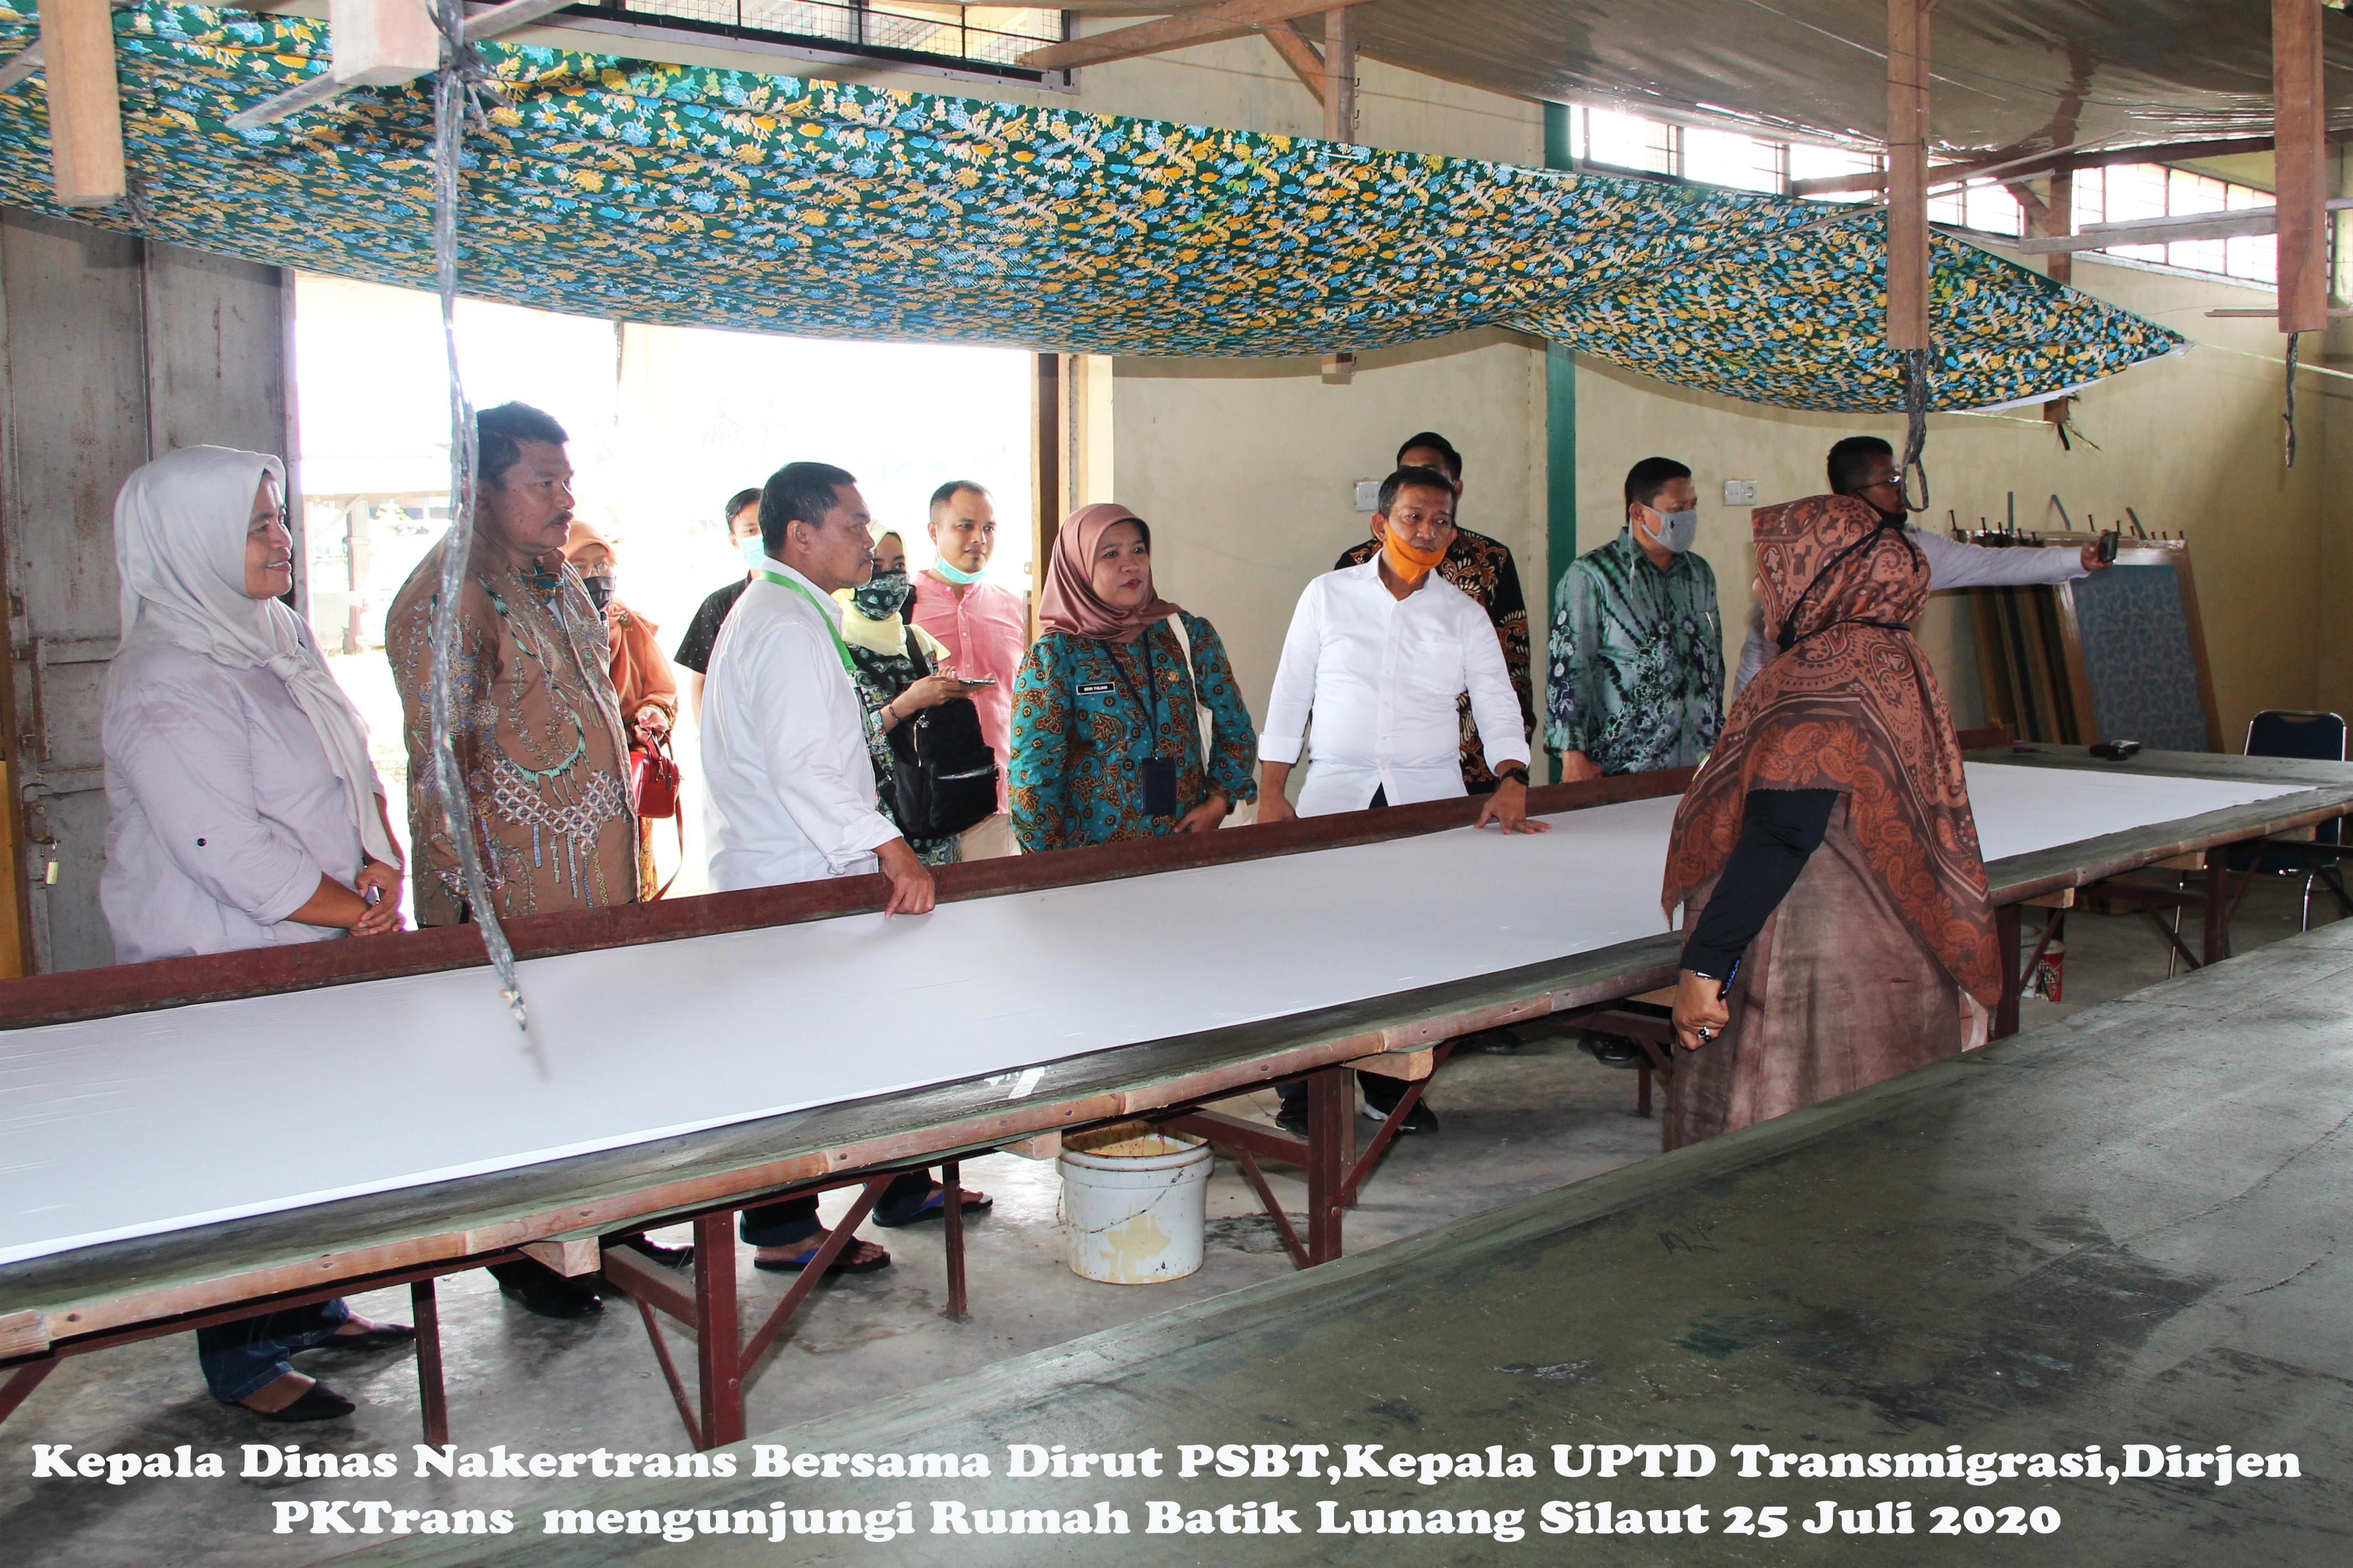 Mengunjungi Rumah Batik di KPB Lunang Silaut, Kab. Pes. Selatan, Prov Sumbar, 25 Juli 2020